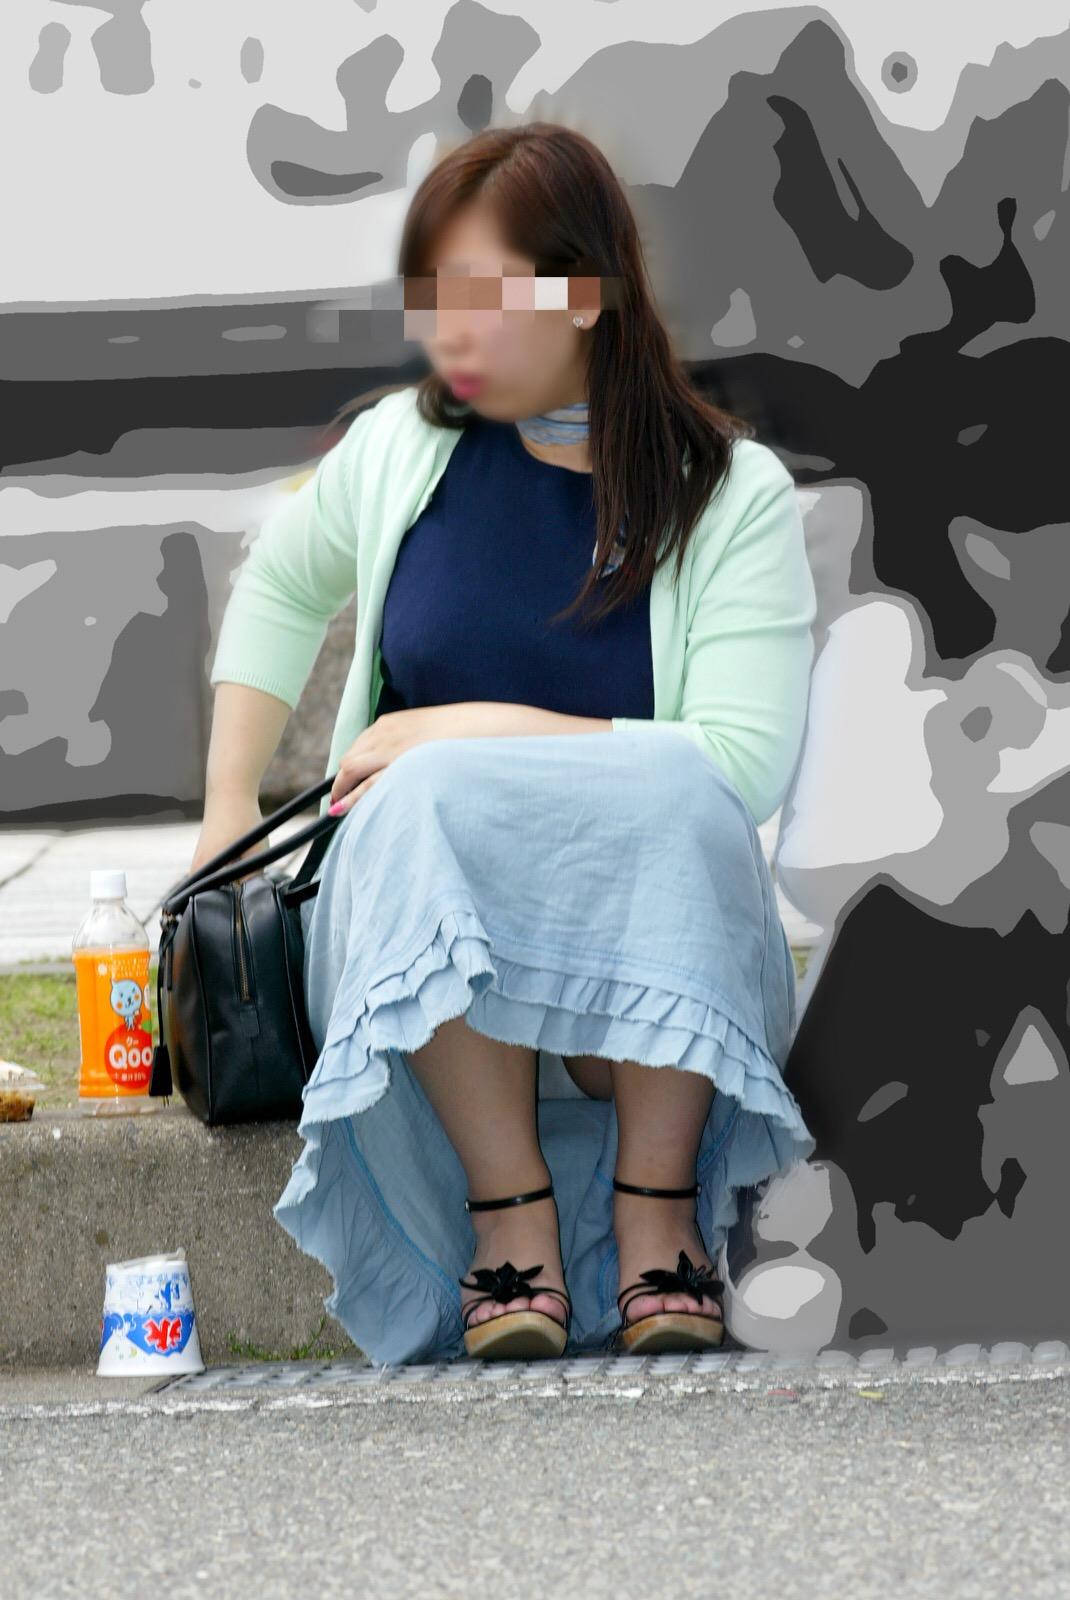 【パンチラエロ画像】寒い日でもどこかで…陽気な日に遭遇したい座りチラ素人たち(;^ω^)